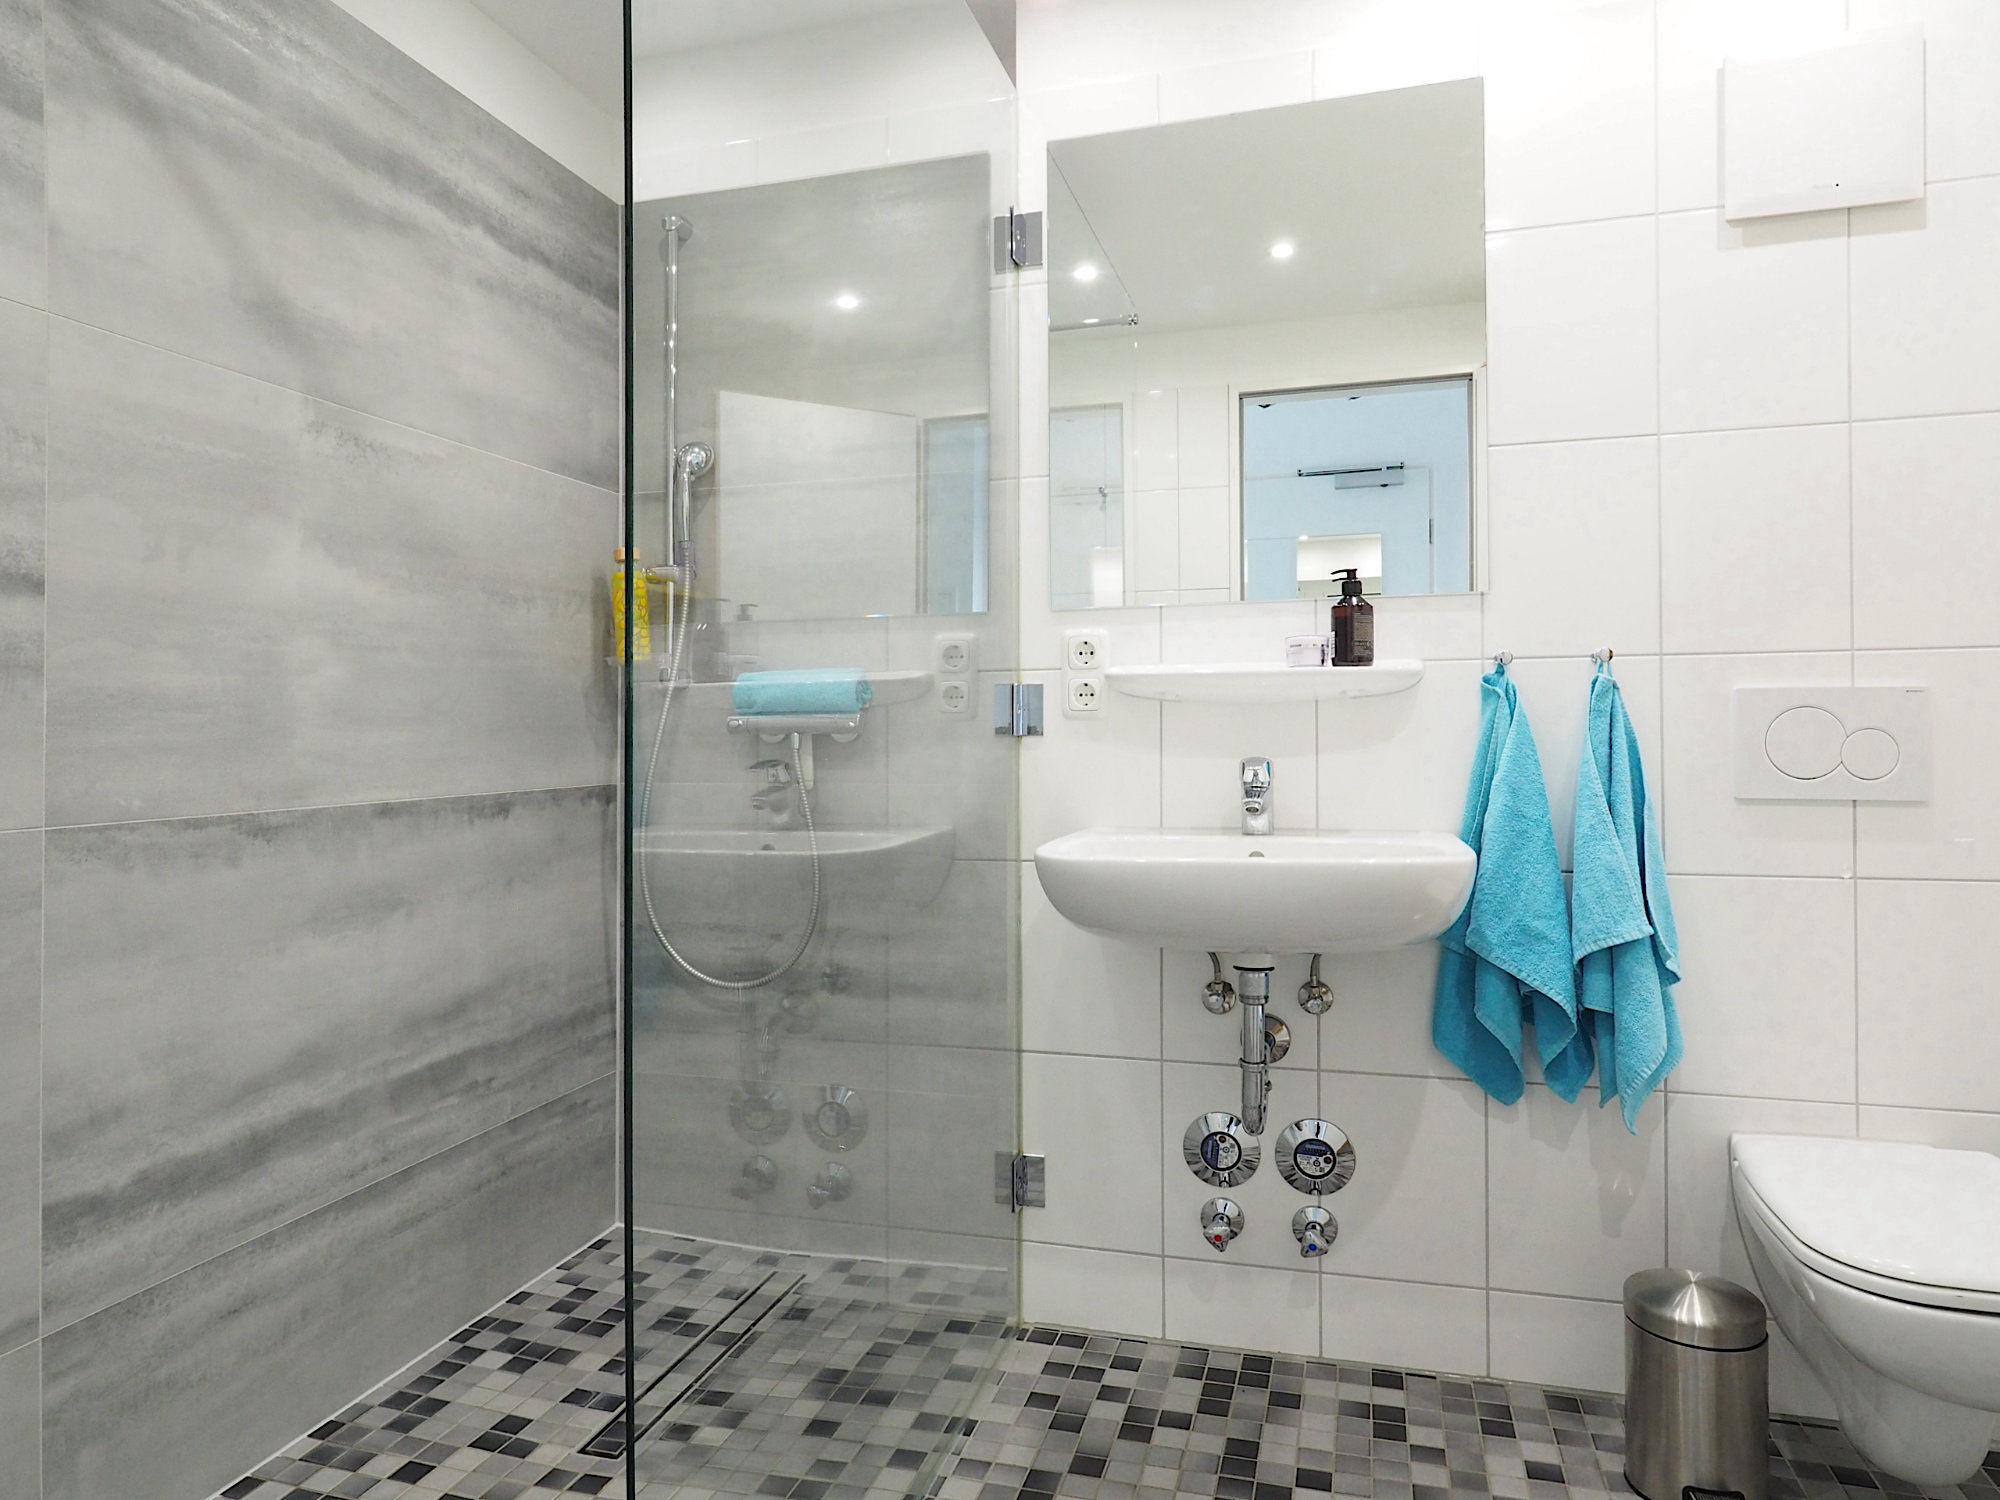 Duschbad mit bodentiefer Dusche, Waschbecken und WC